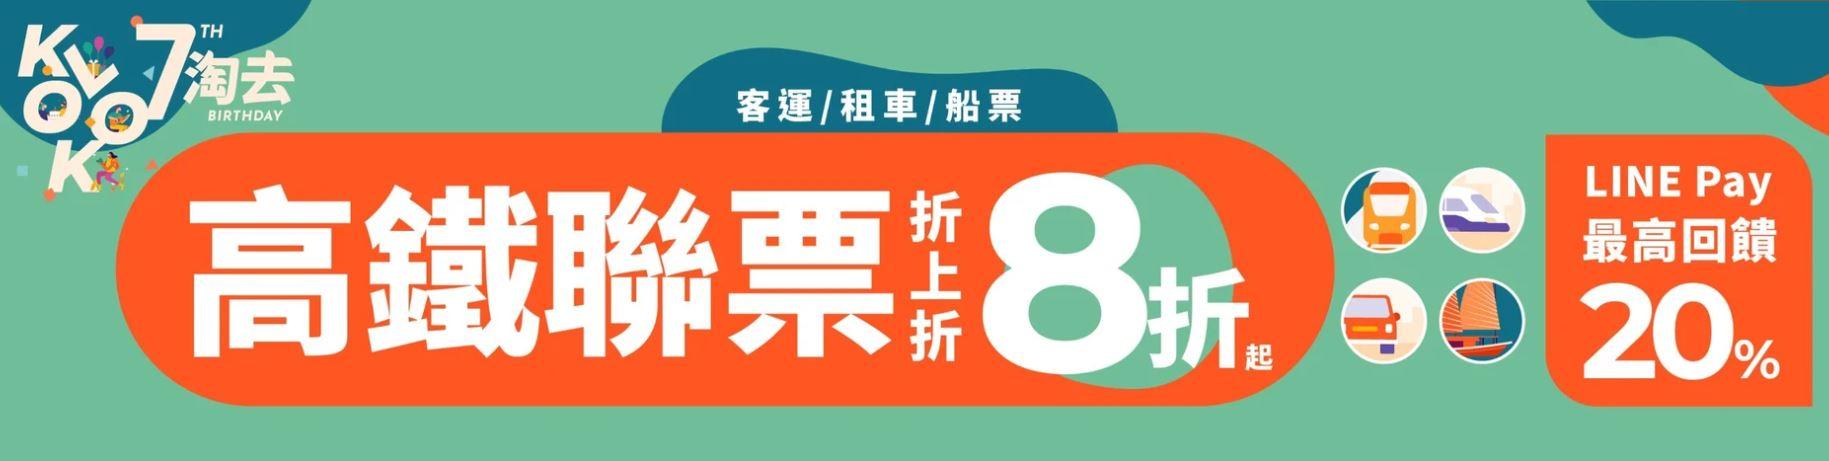 高鐵國旅聯票,高鐵聯票,高鐵,KLOOK高鐵,客路高鐵8折,高鐵交通聯票